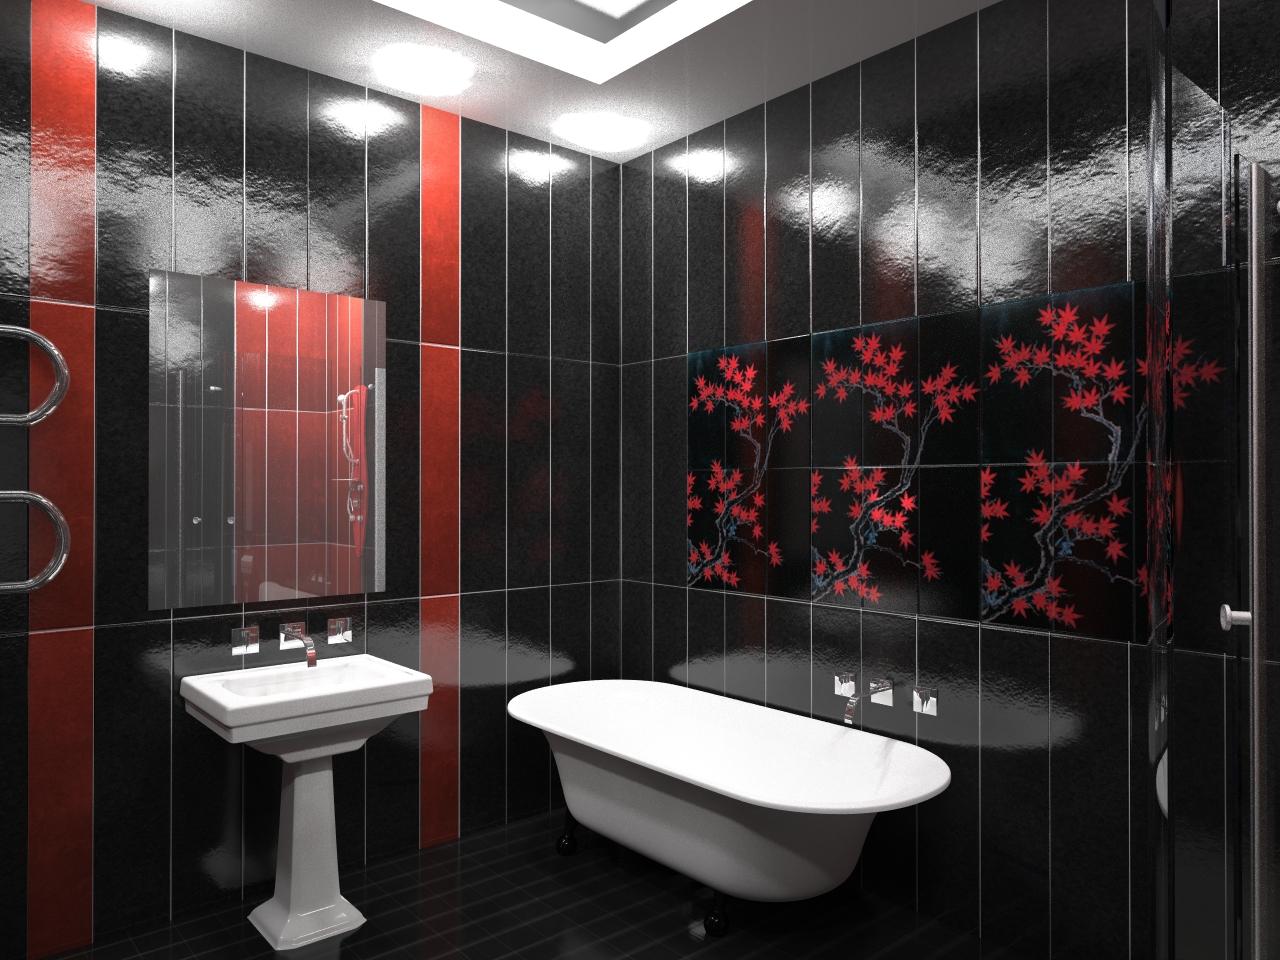 Картинки по запросу Пластиковые лючки для ванной комнаты